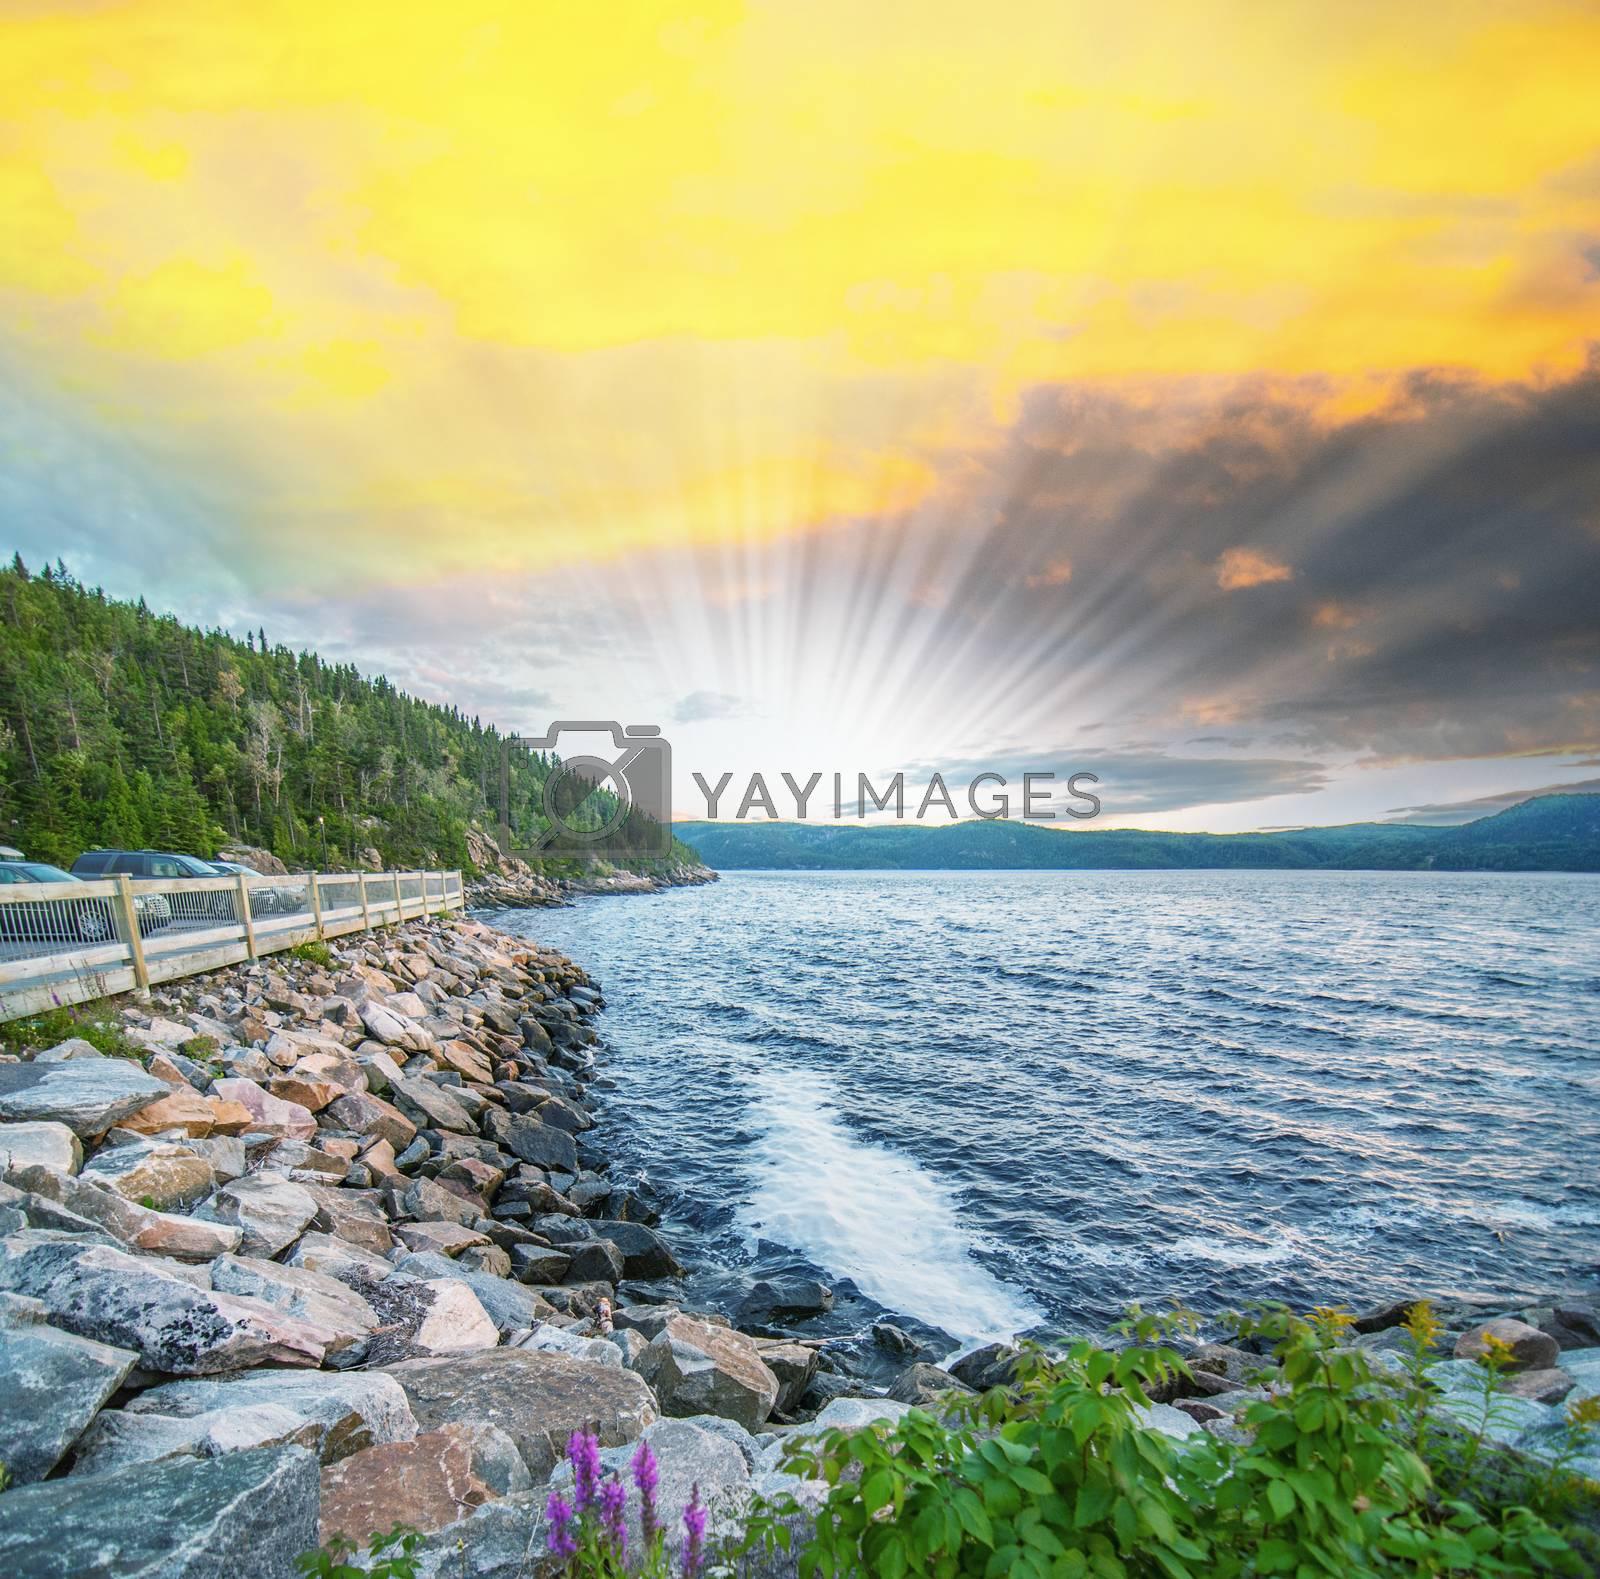 Coast of Quebec, Canada by jovannig